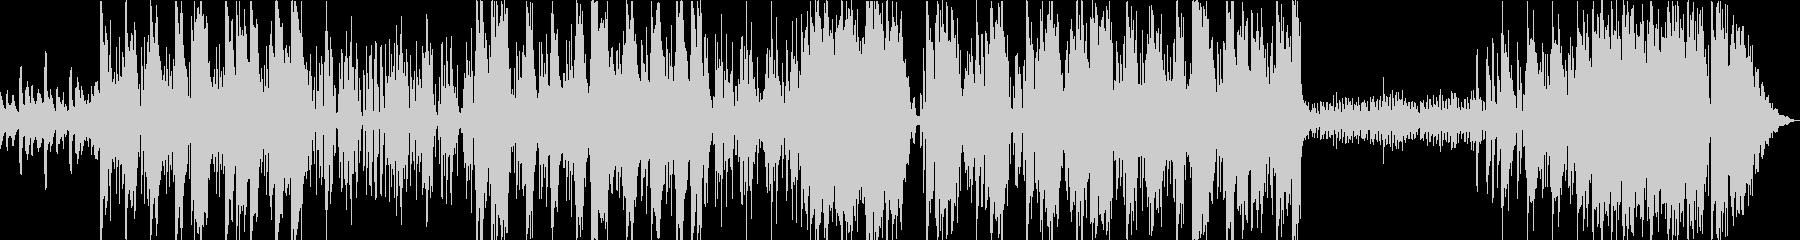 ピアノを用いたダークなシーン向のトラップの未再生の波形